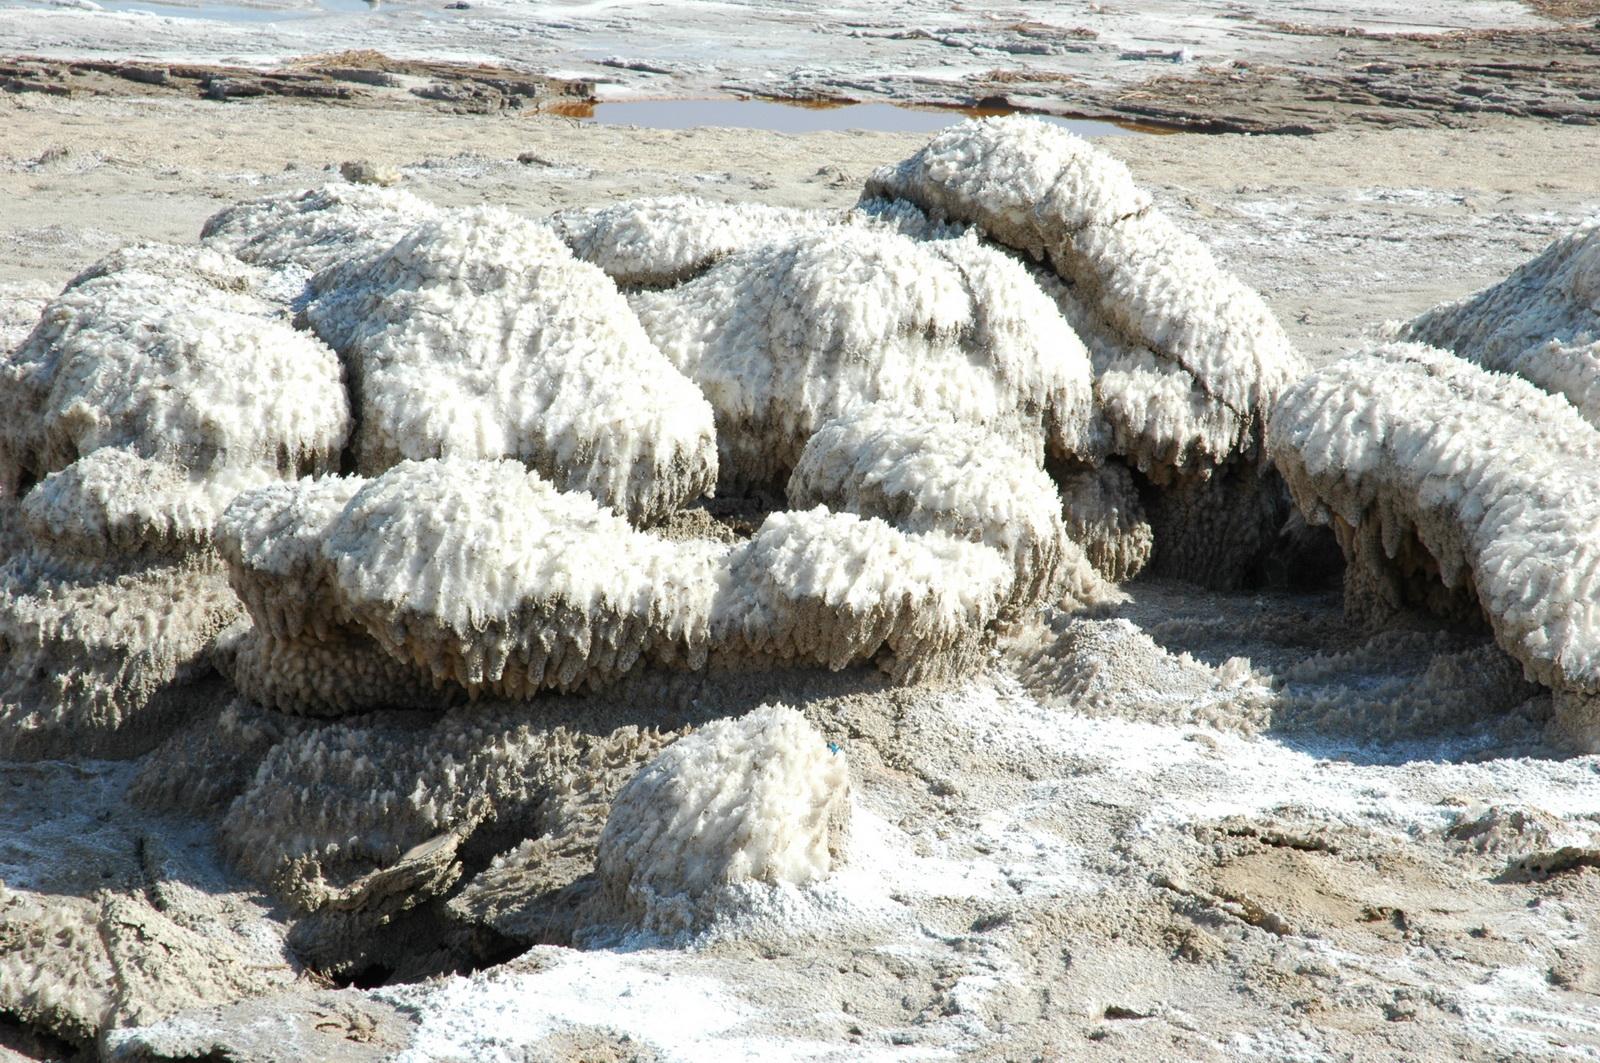 ים המלח -   התגבשויות מלח על סלעים